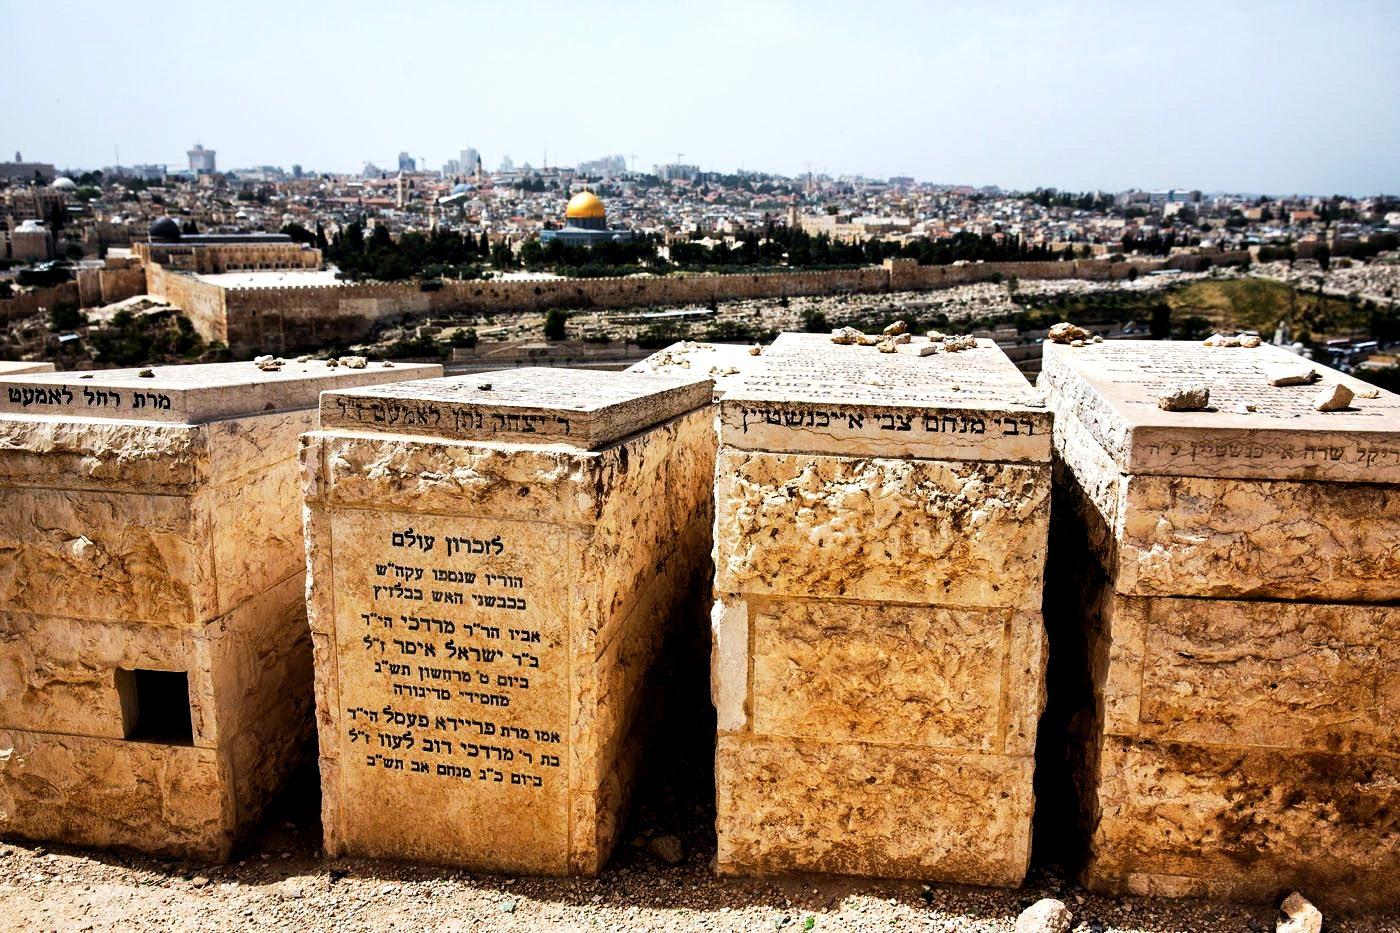 гробницы елеонской горы